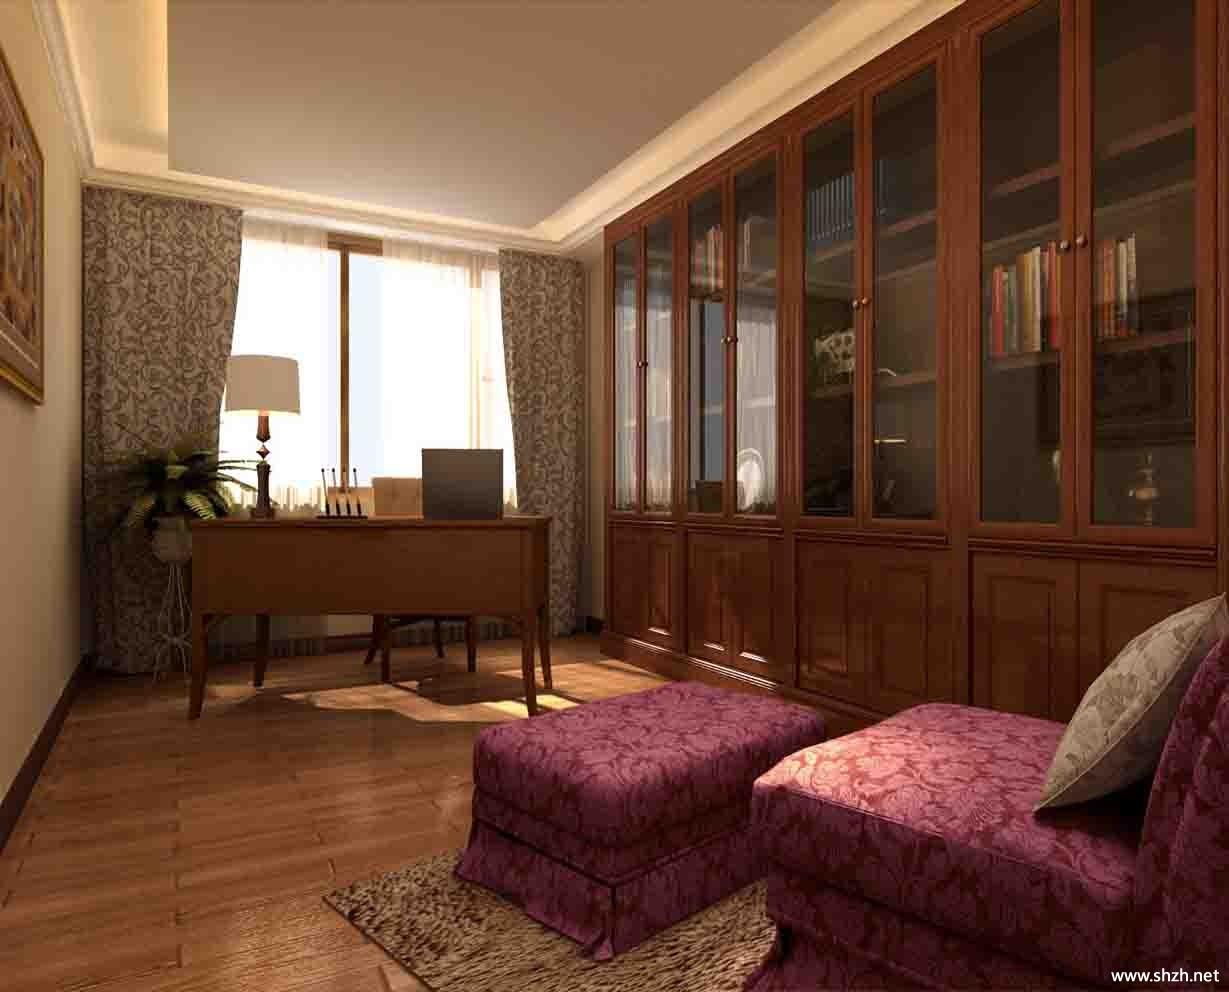 背景墙 房间 家居 起居室 设计 卧室 卧室装修 现代 装修 1229_992